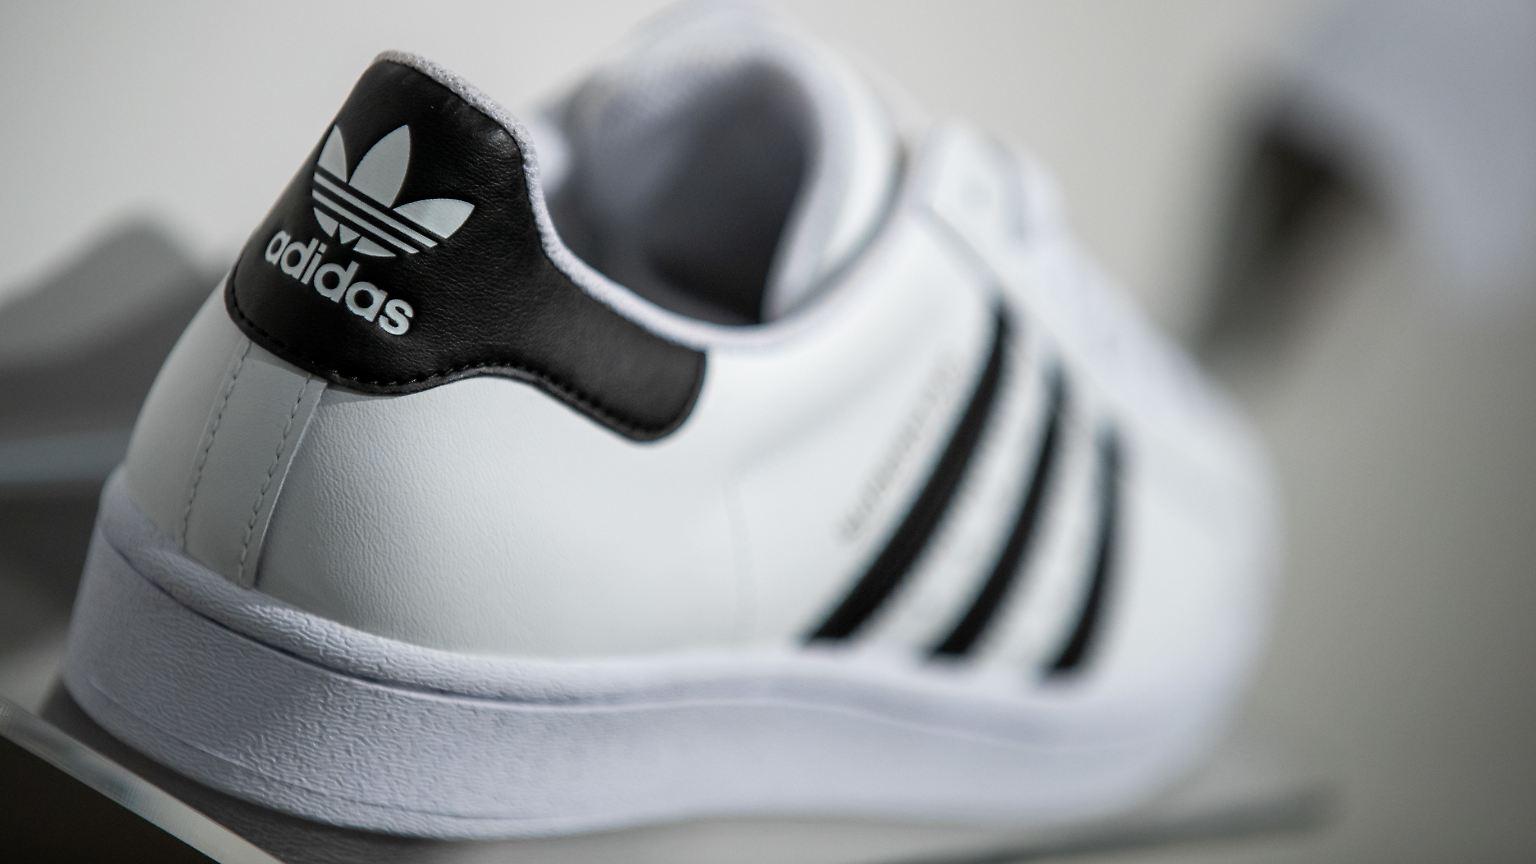 Keine EU weite Marke: Adidas verliert Rechtsstreit um